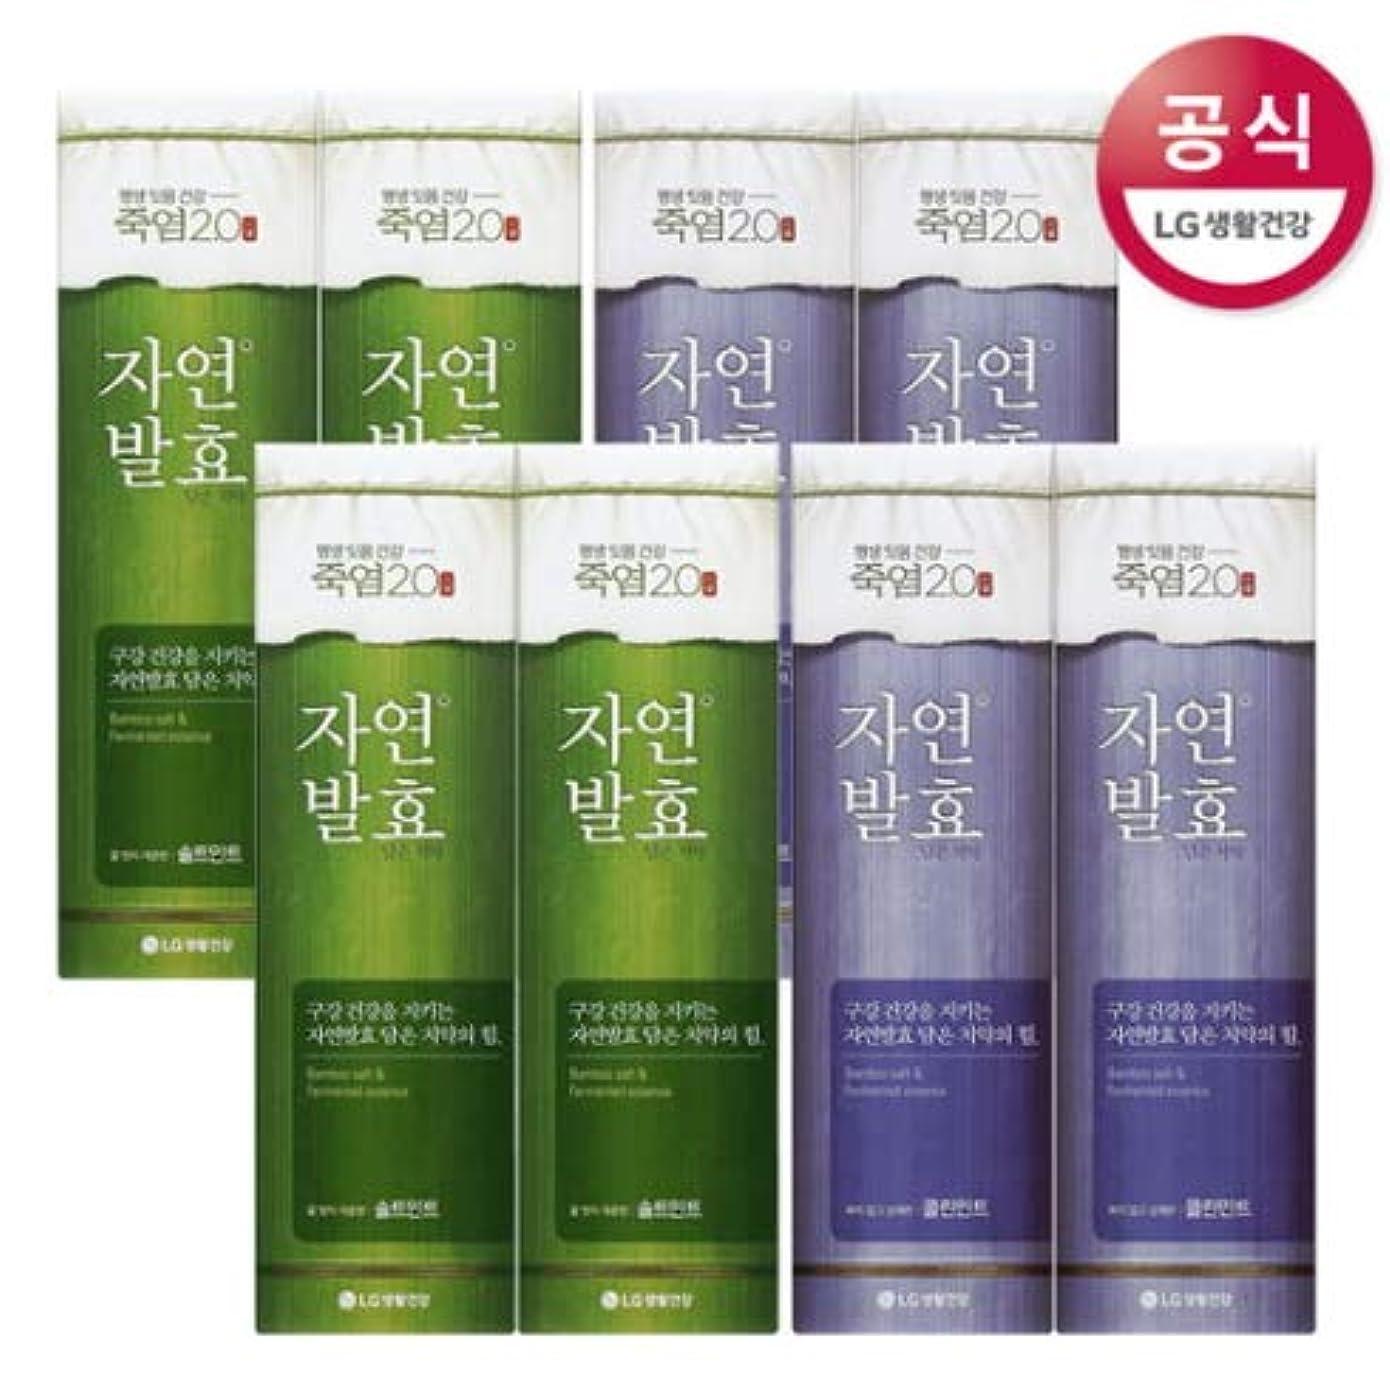 直面する資金奇跡的な[LG HnB] Bamboo salt natural fermentation toothpaste/竹塩自然発酵入れた歯磨き粉 100gx8個(海外直送品)